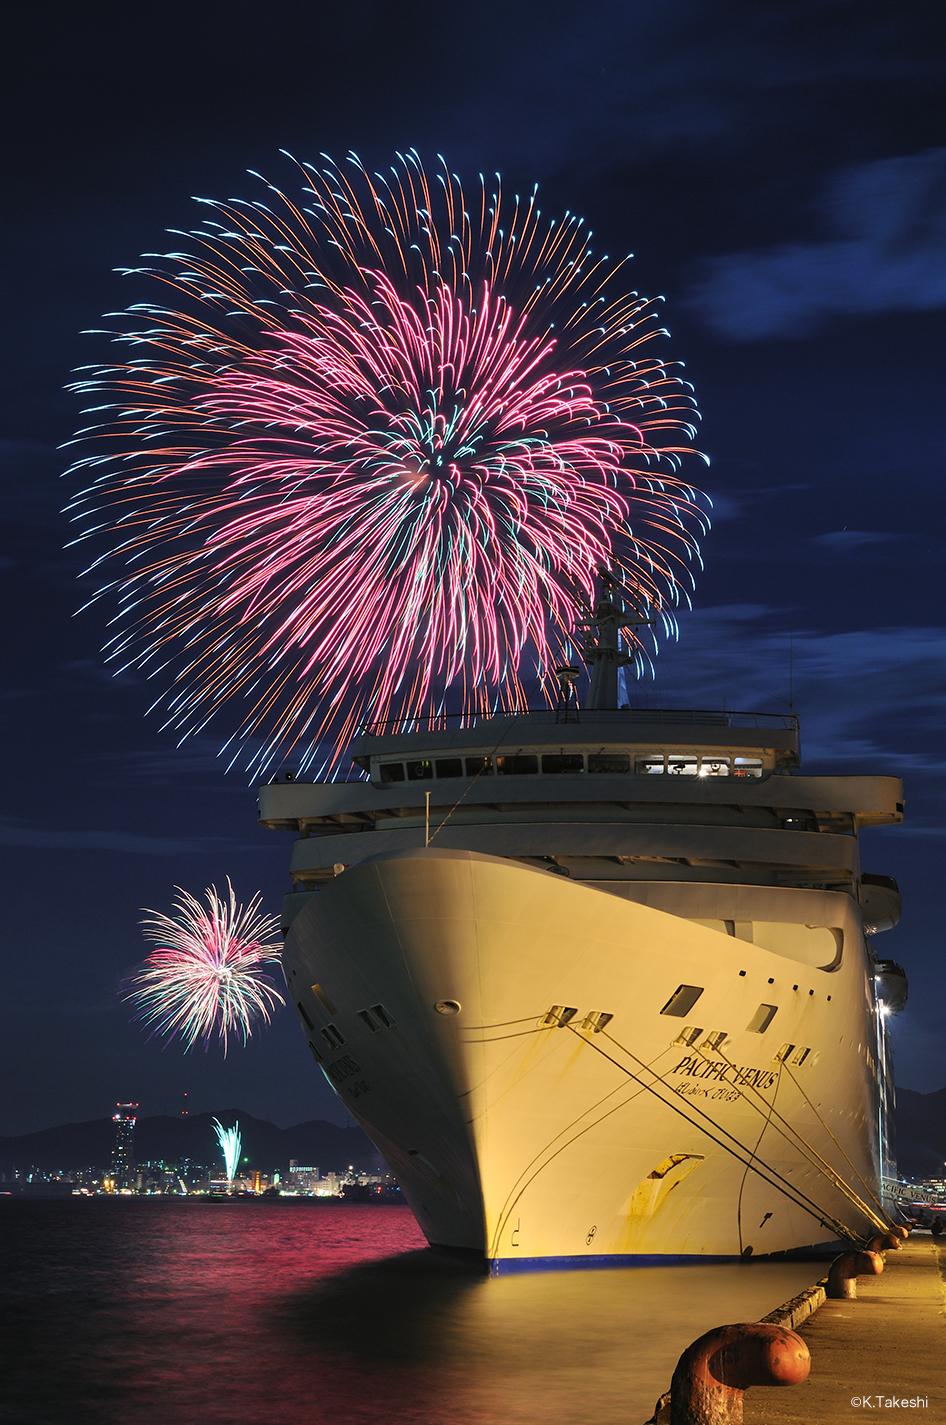 海峡を挟んだ華やかな花火の競演、関門海峡花火大会。[関門海峡花火 ...